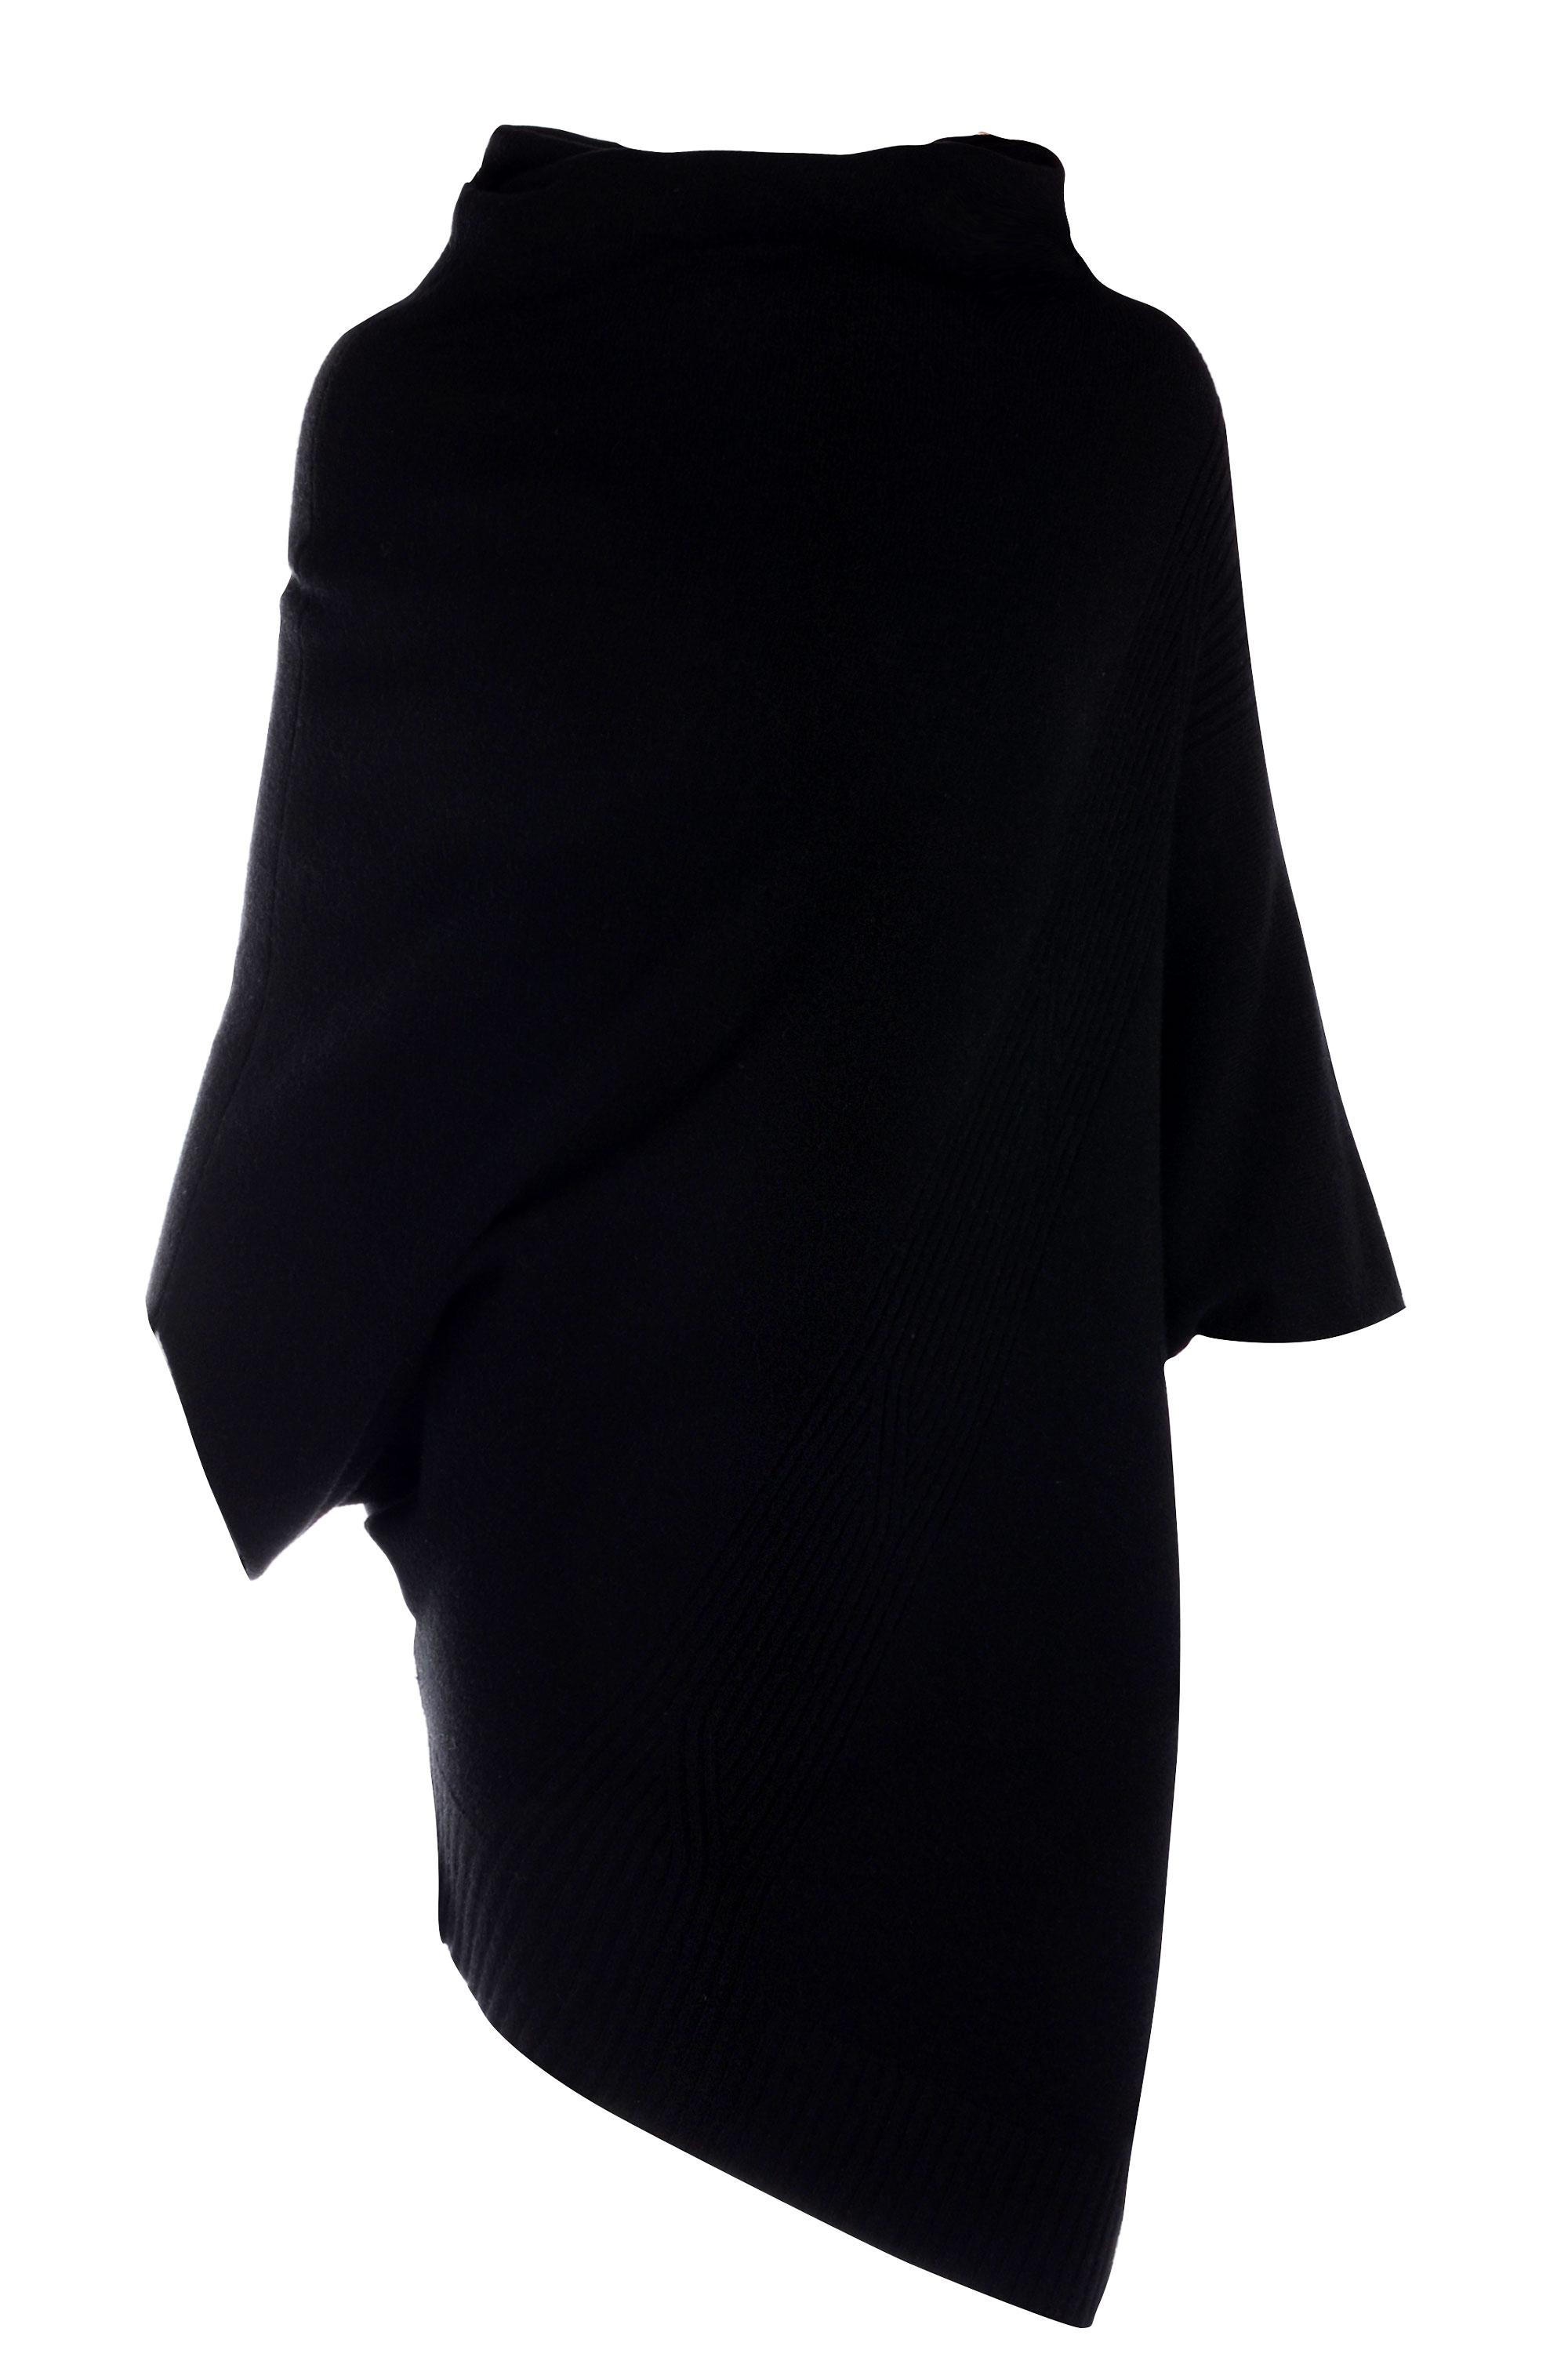 Sweter - 79-298 NERO - Unisono